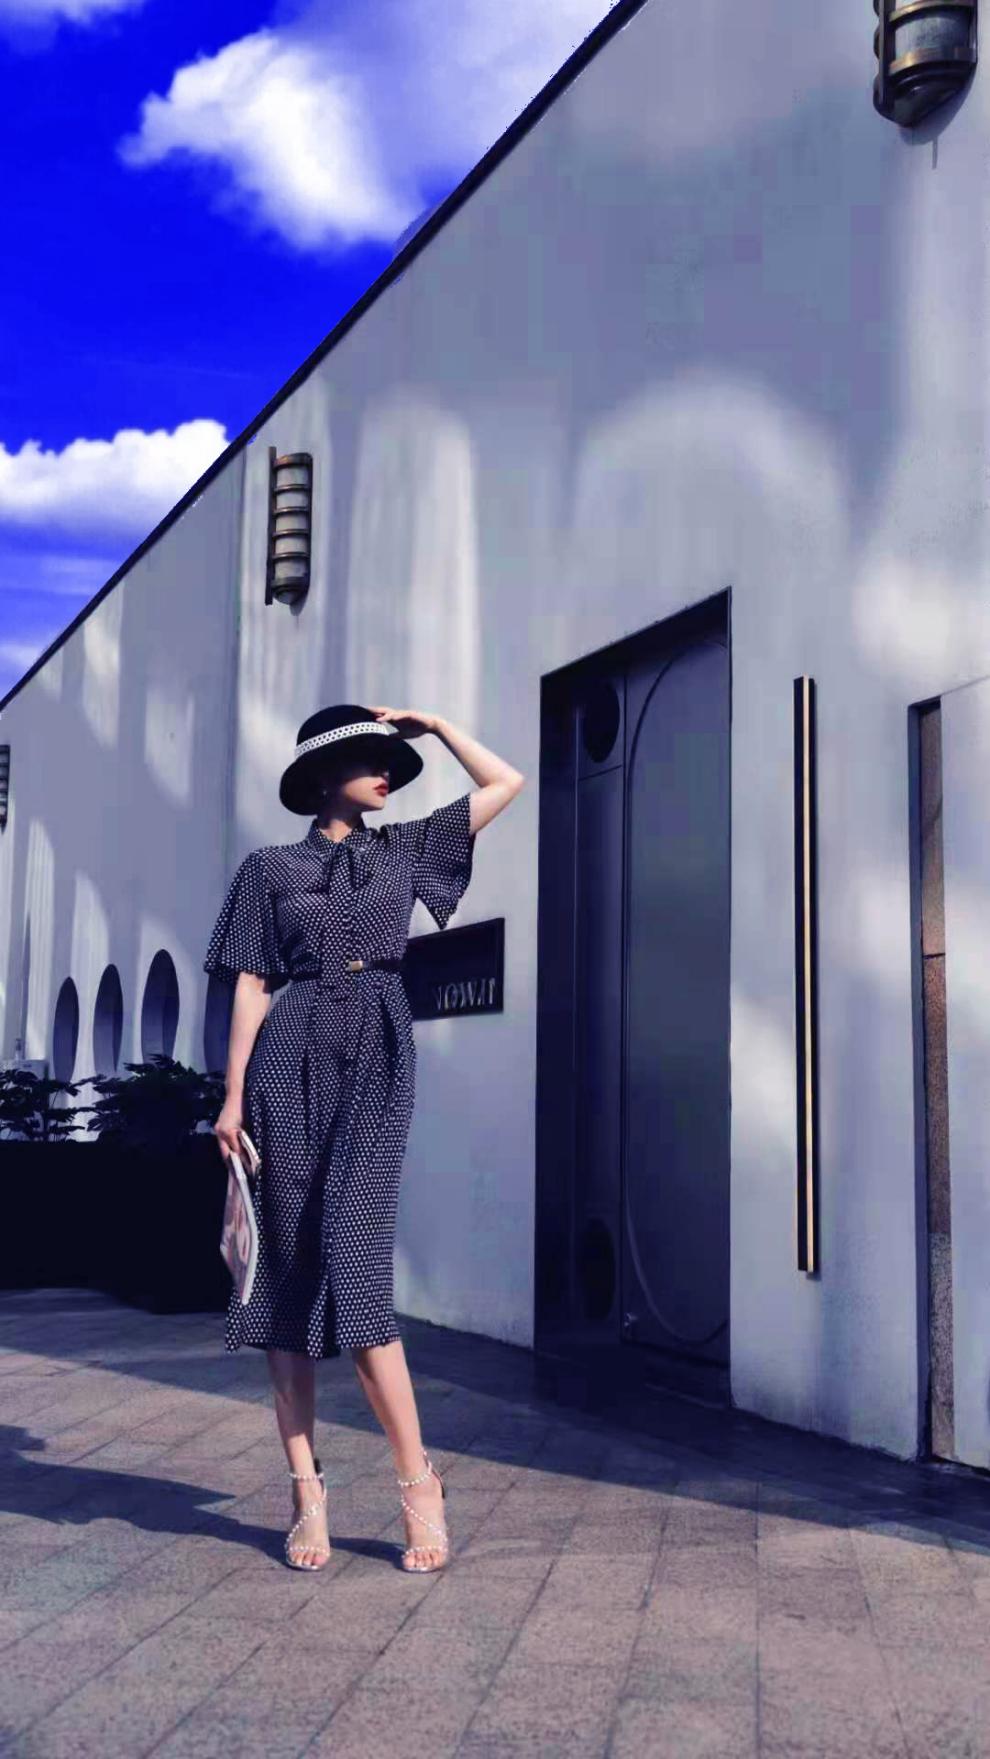 KS AND ELLEN 可彡 - 国内首家提出形象诊断概念的女装品牌